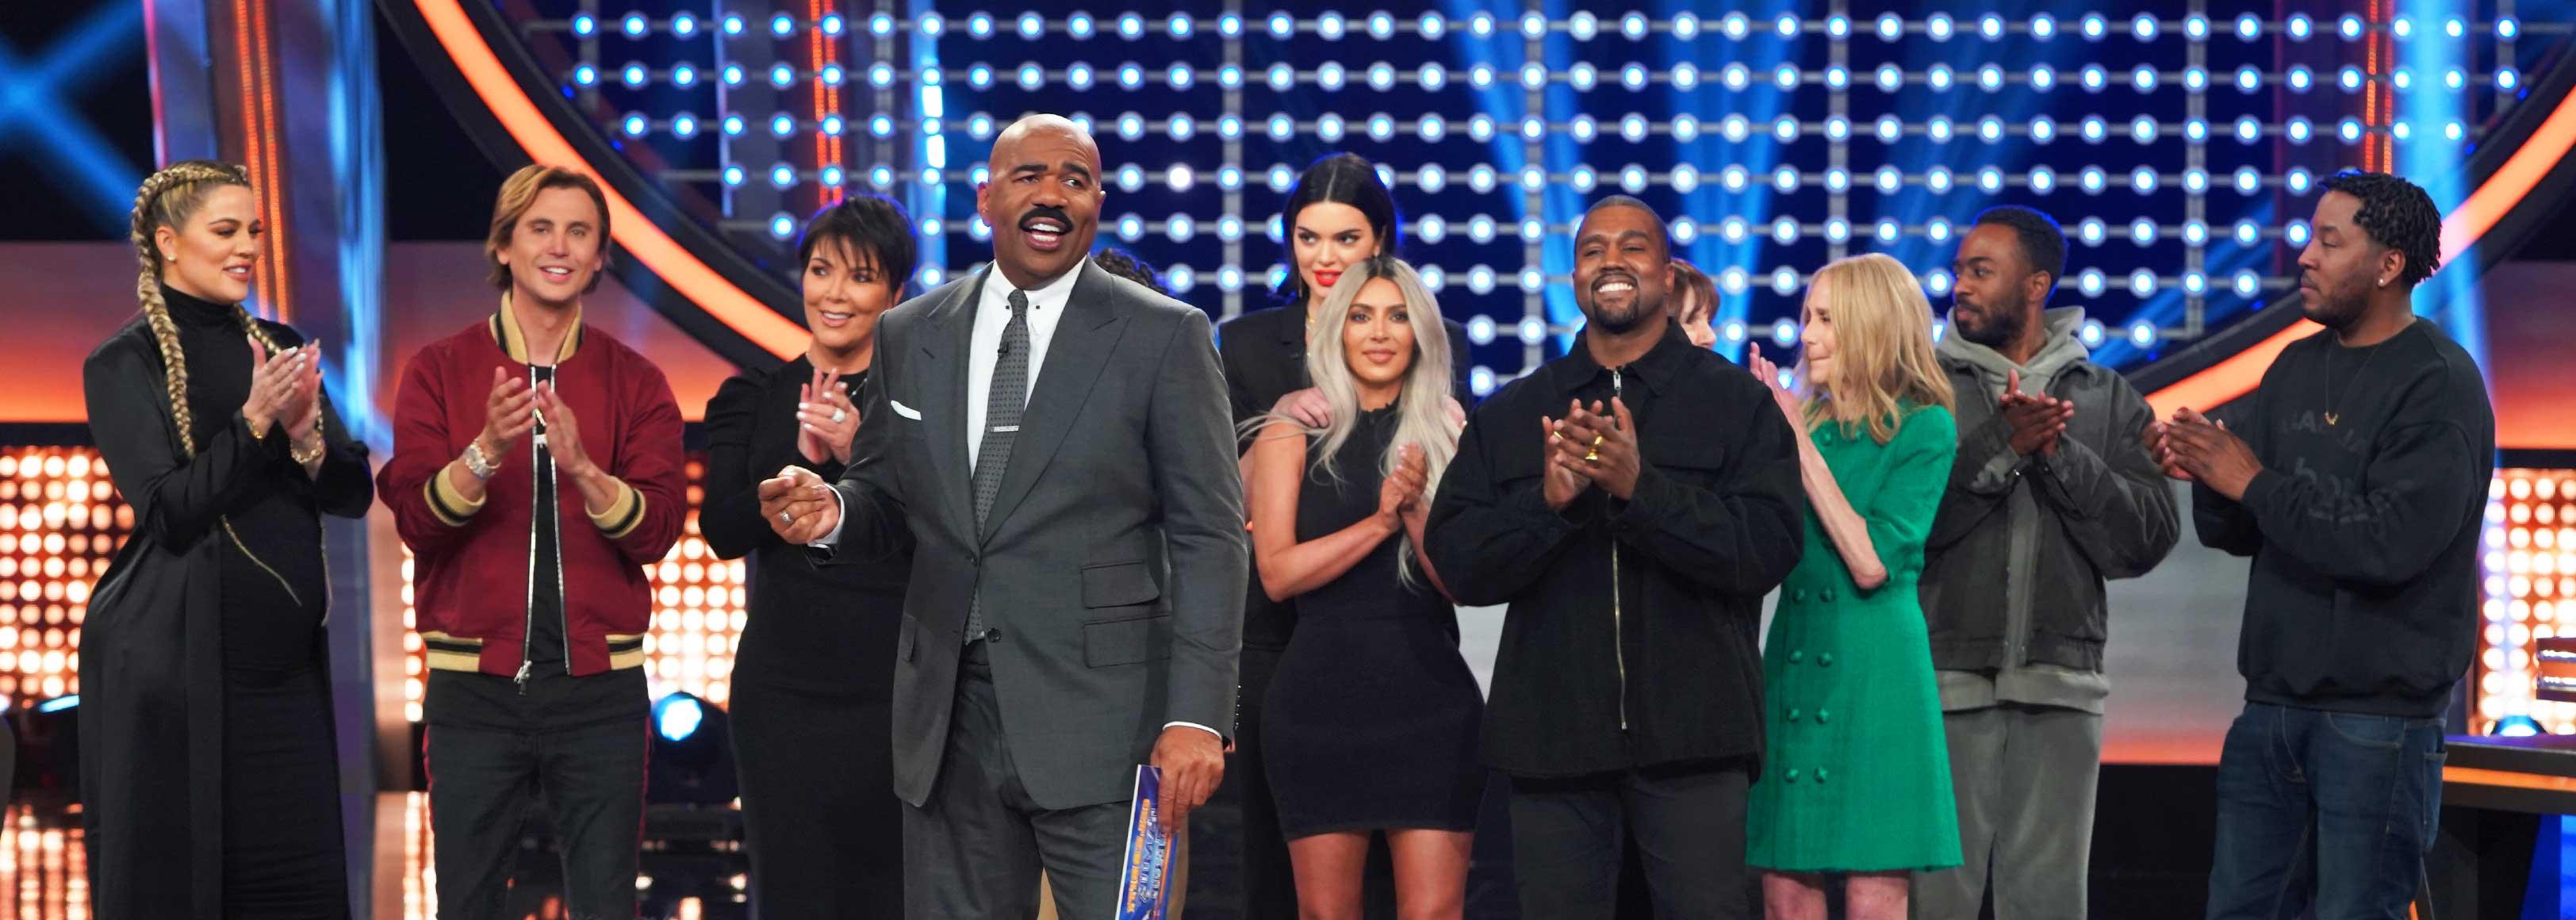 Kim Kardashian and Kayne West on Celebrity Family Feud